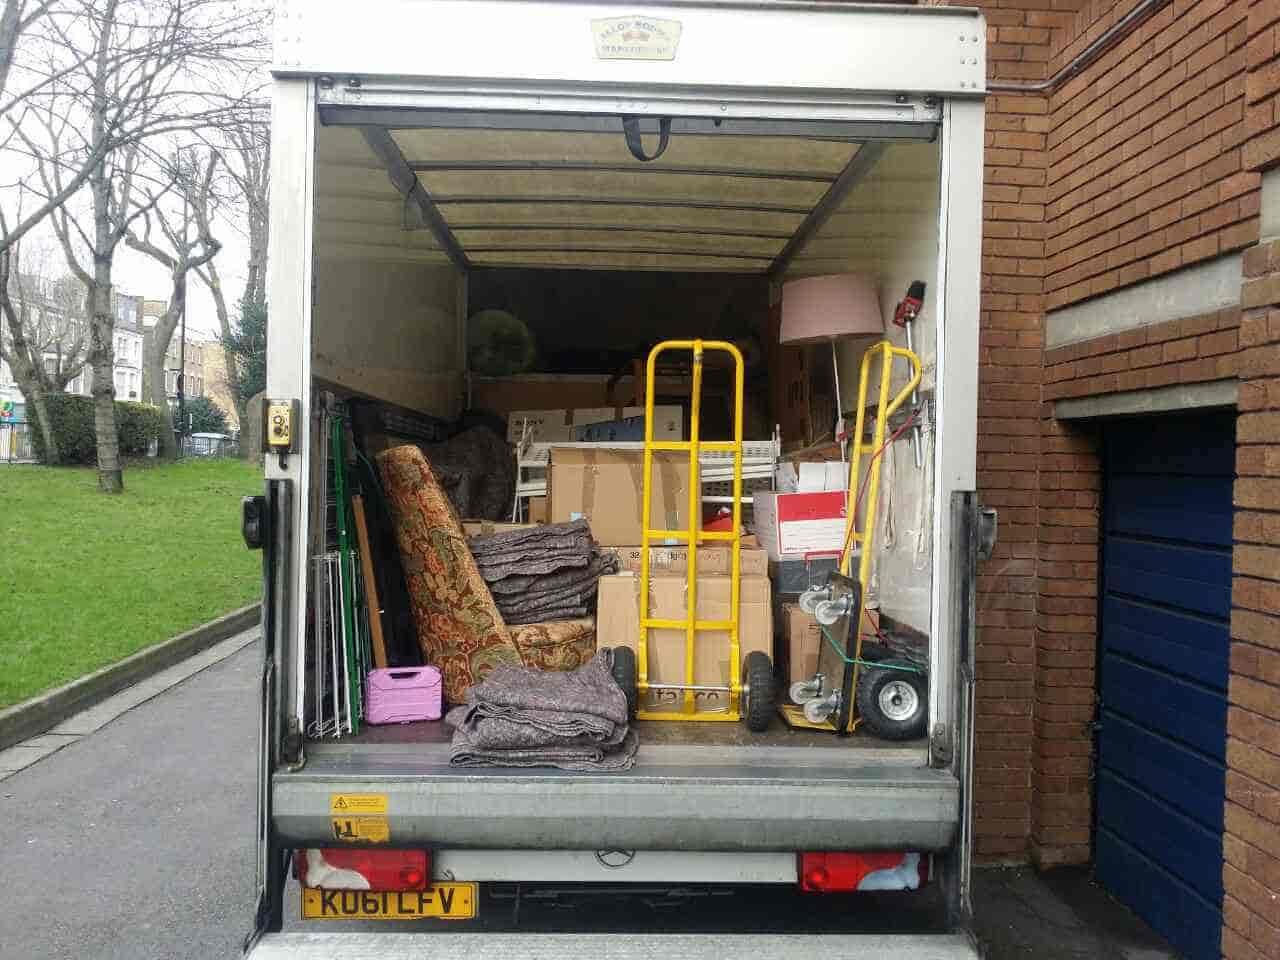 TW15 van for hire in Ashford